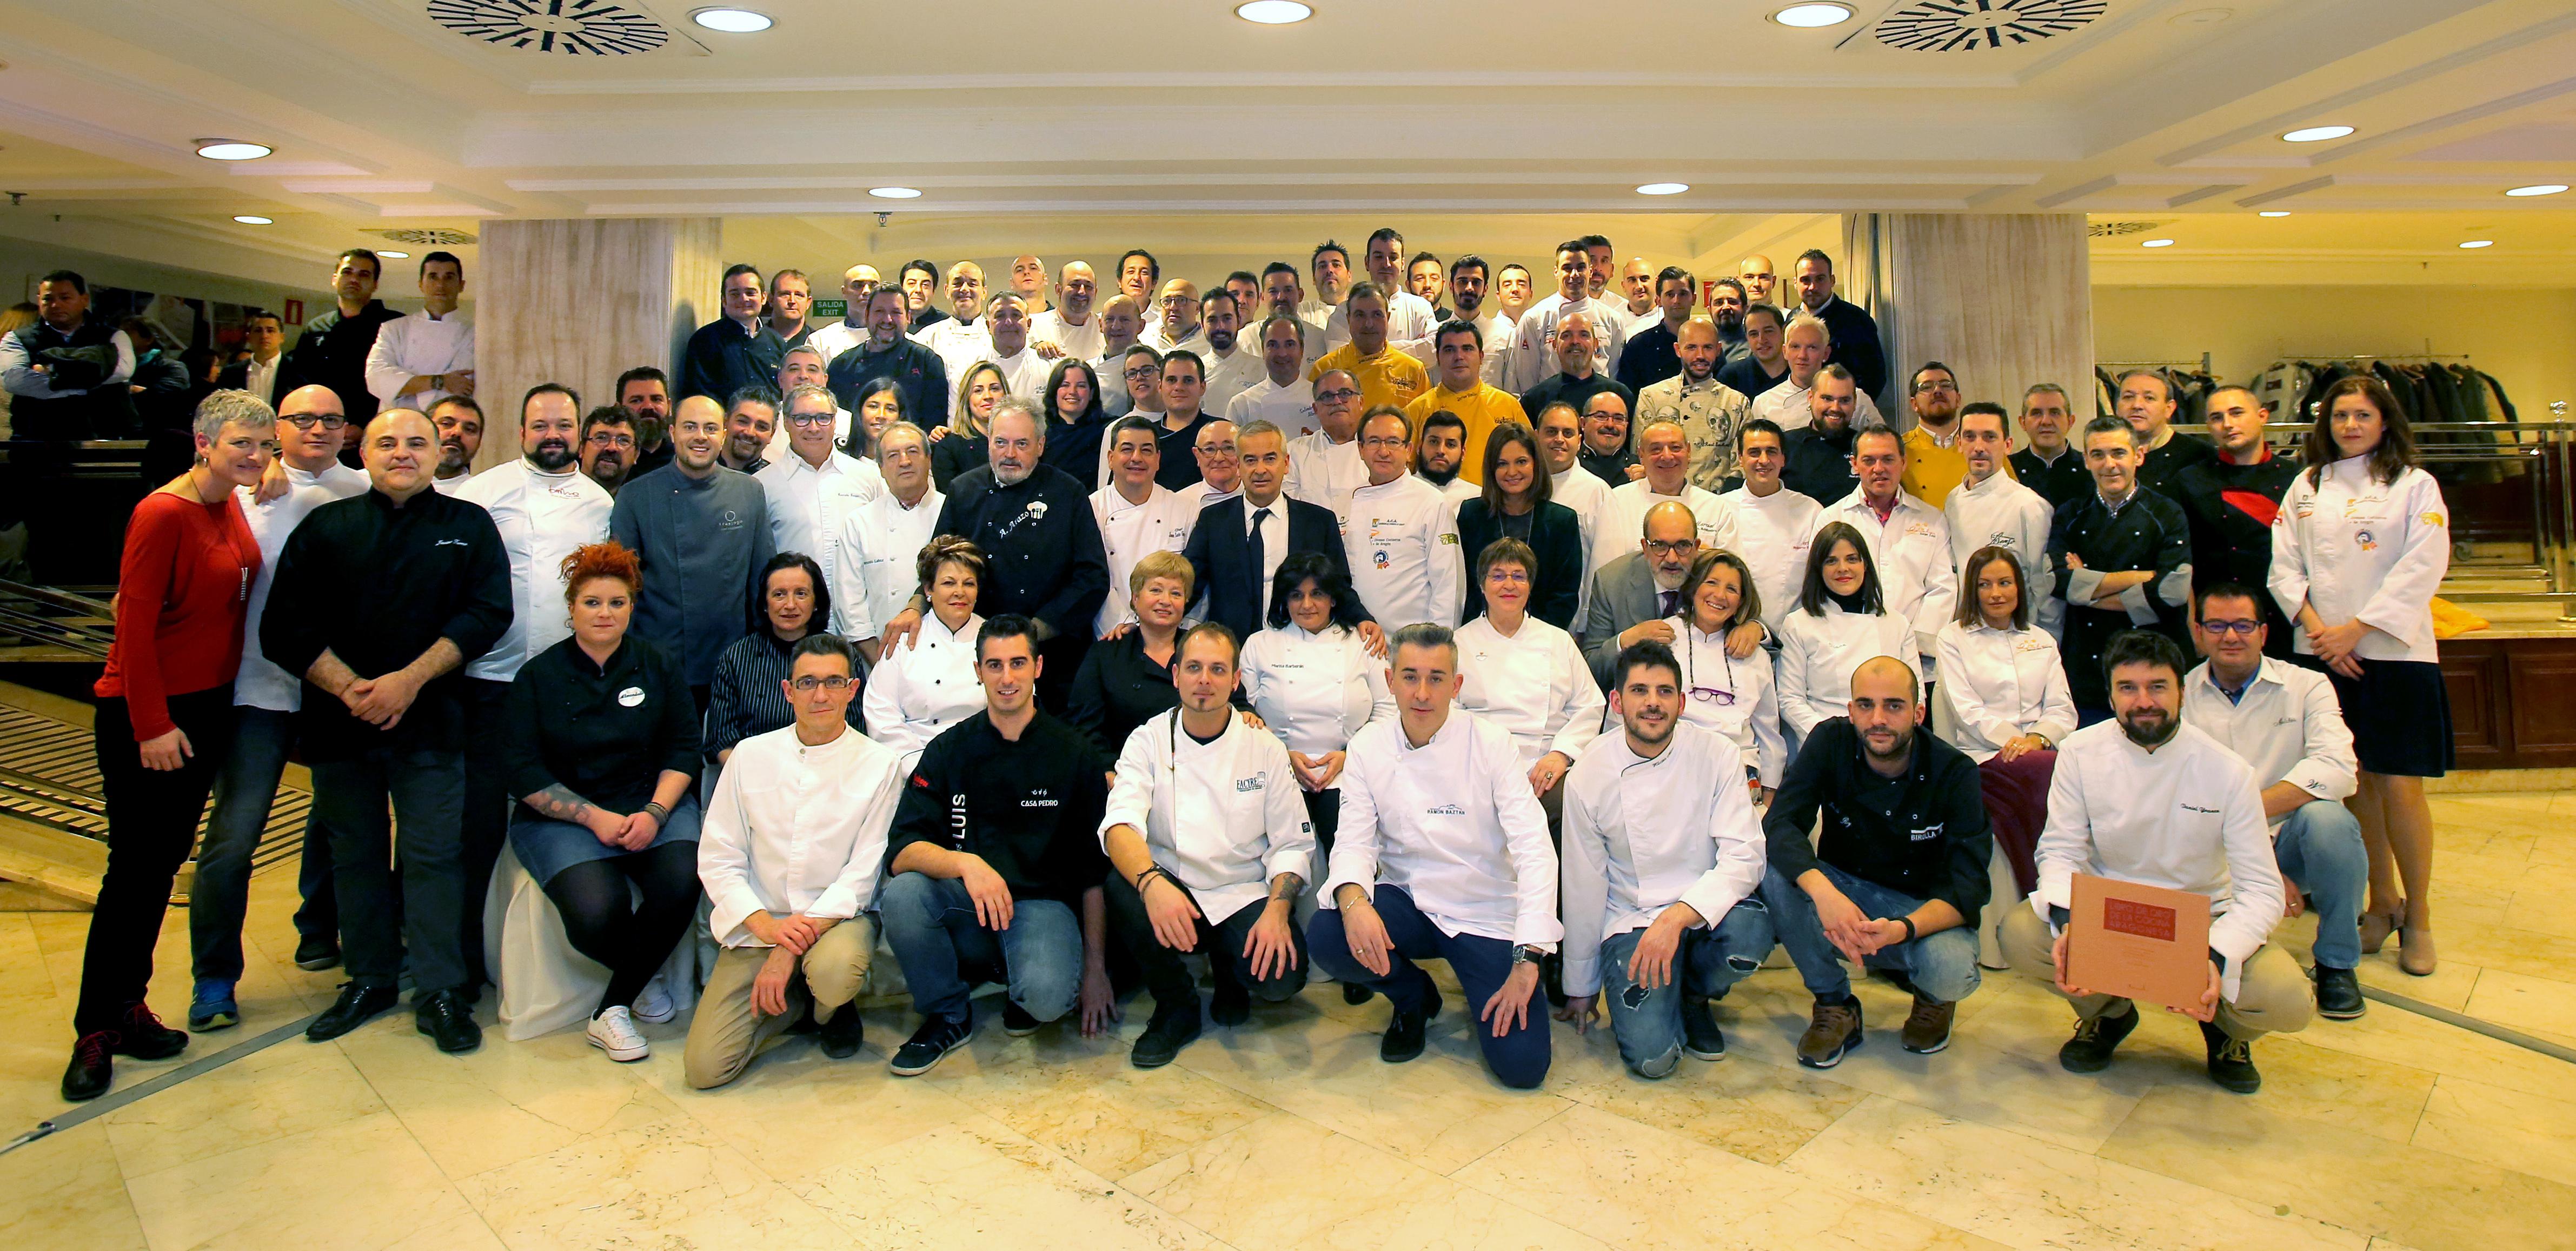 La Cumbre de Cocineros de Aragón que se celebrará el próximo lunes 9 de septiembre en Teruel completa su programa